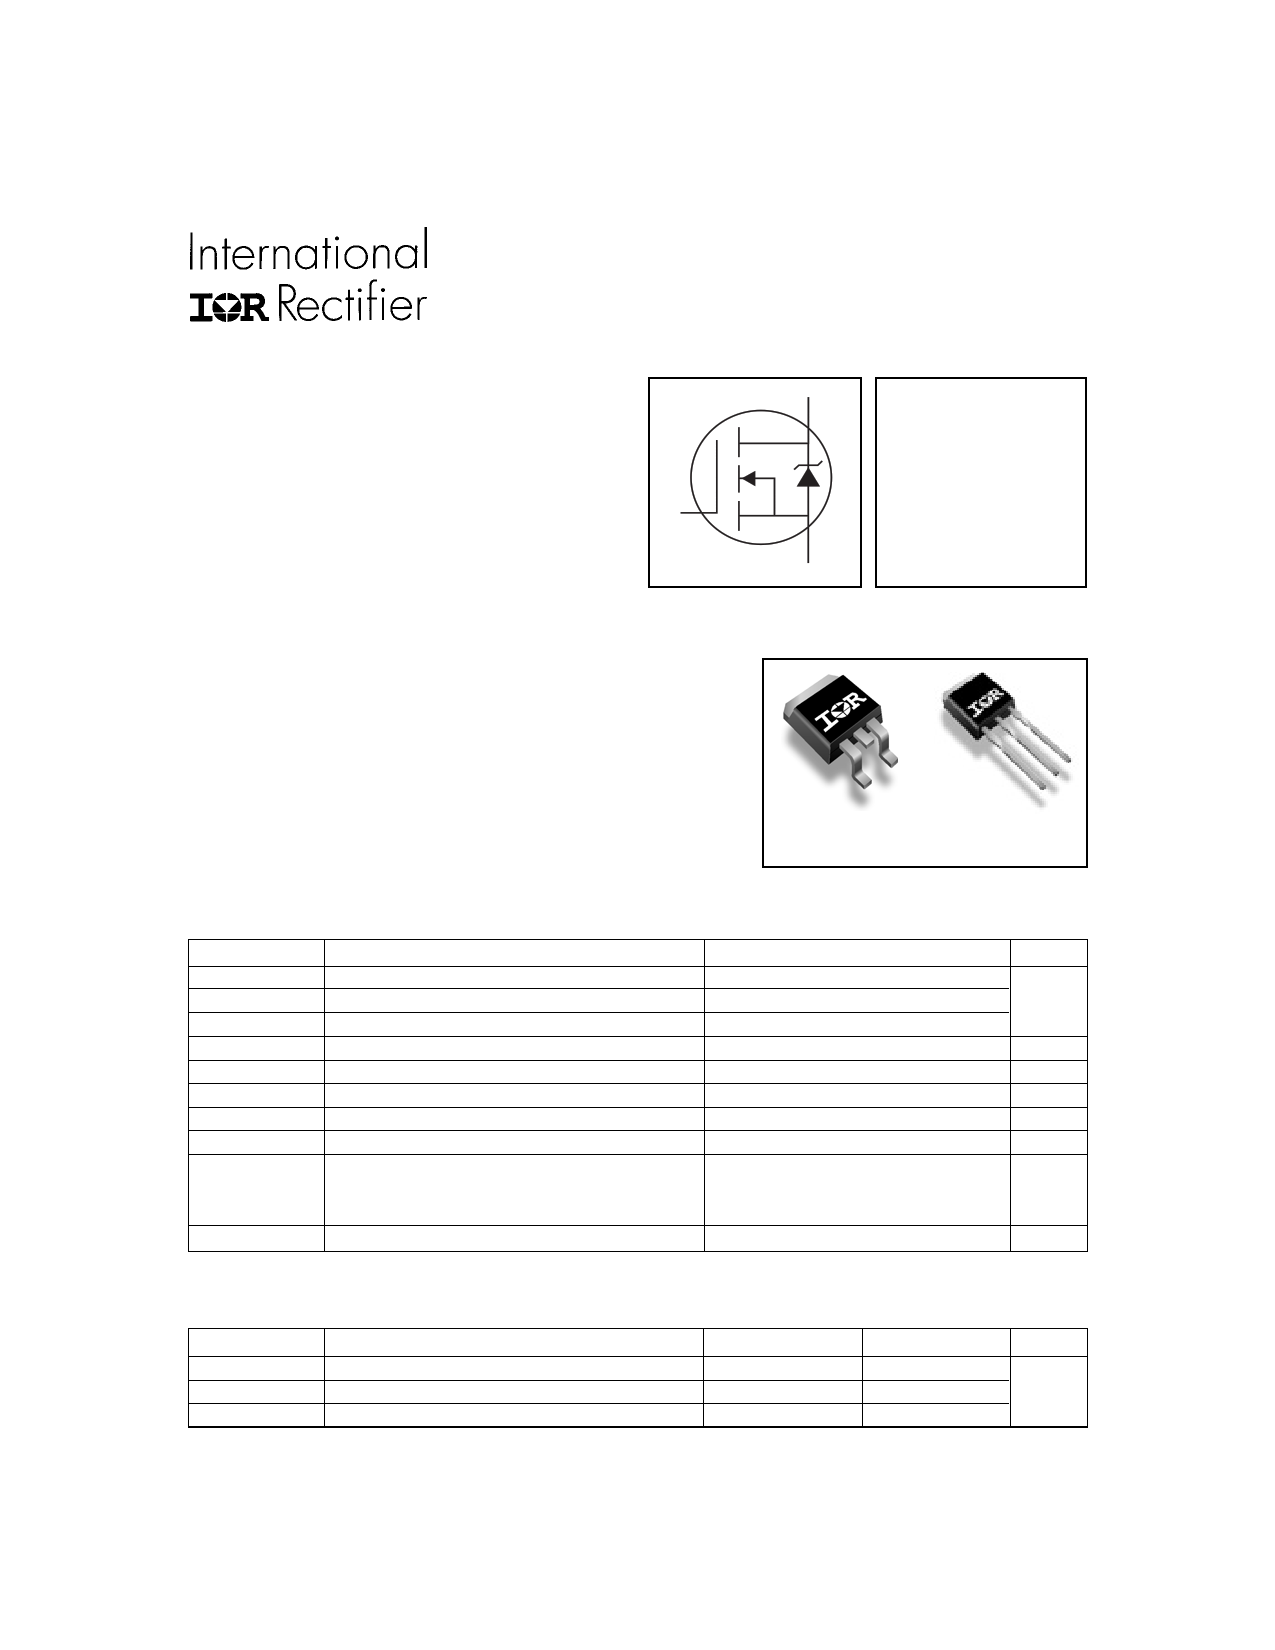 IRFZ48RS Datasheet, IRFZ48RS PDF,ピン配置, 機能